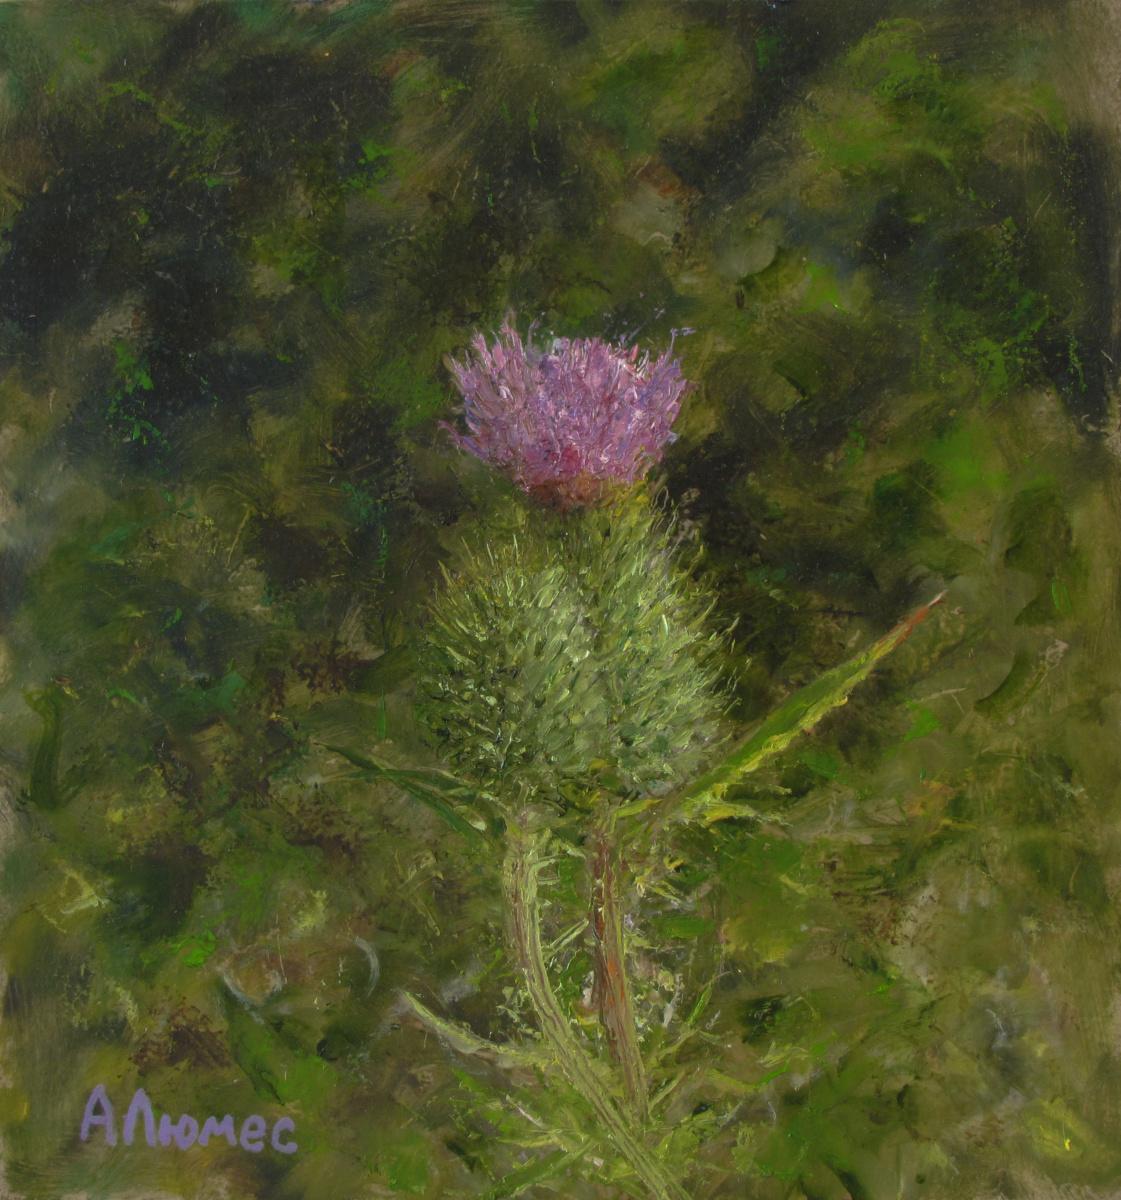 Andrew Lumez. Thorny flower